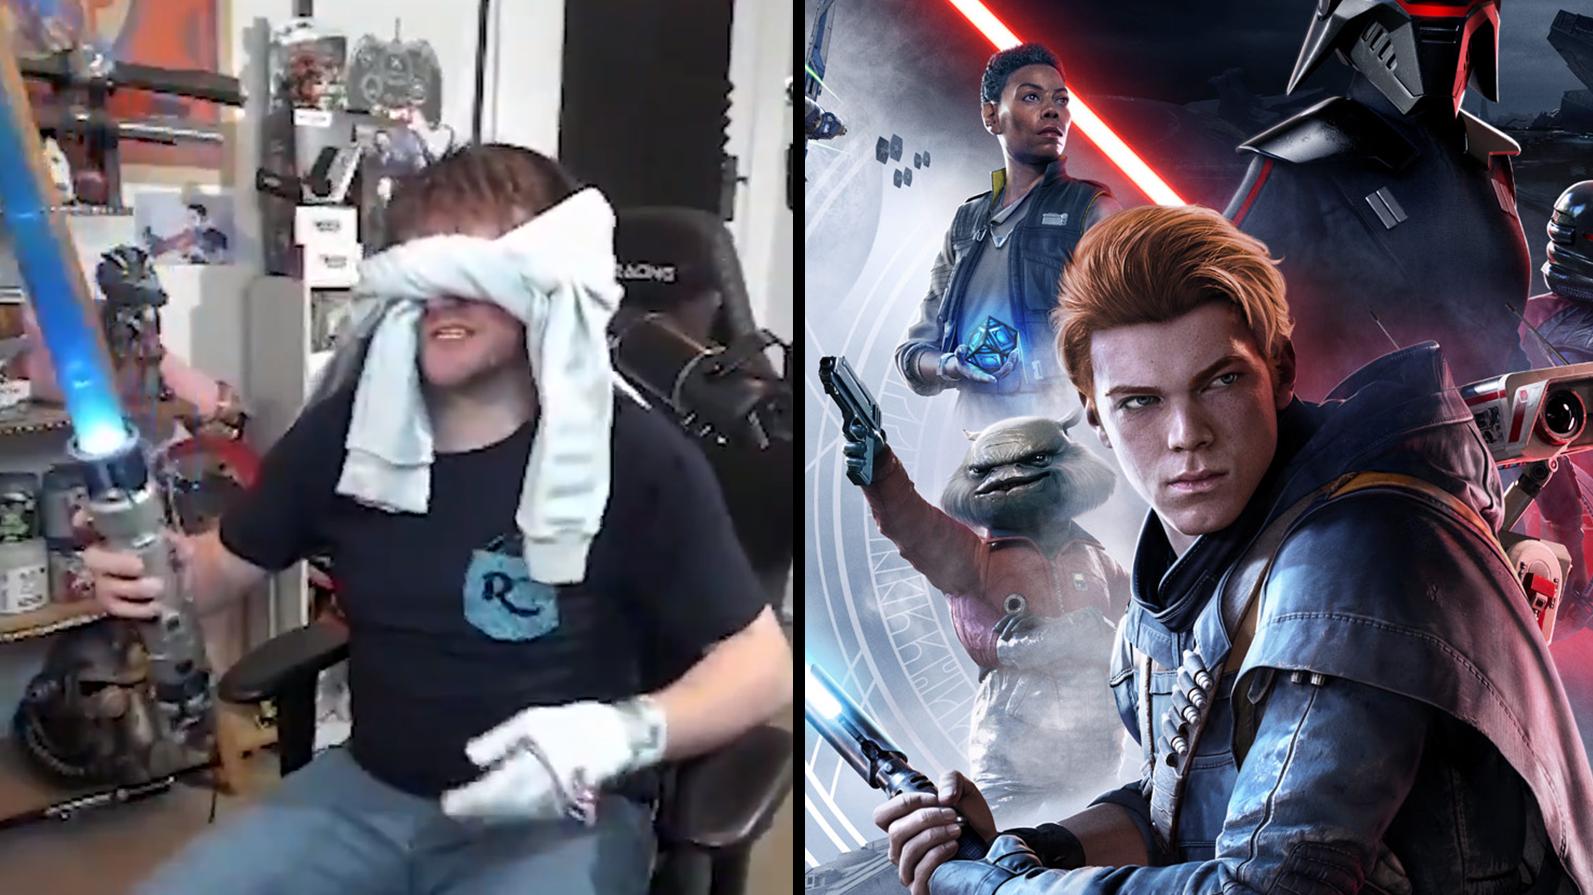 Twitch - Rudeism / Respawn Entertainment - Star Wars Jedi: Fallen Order